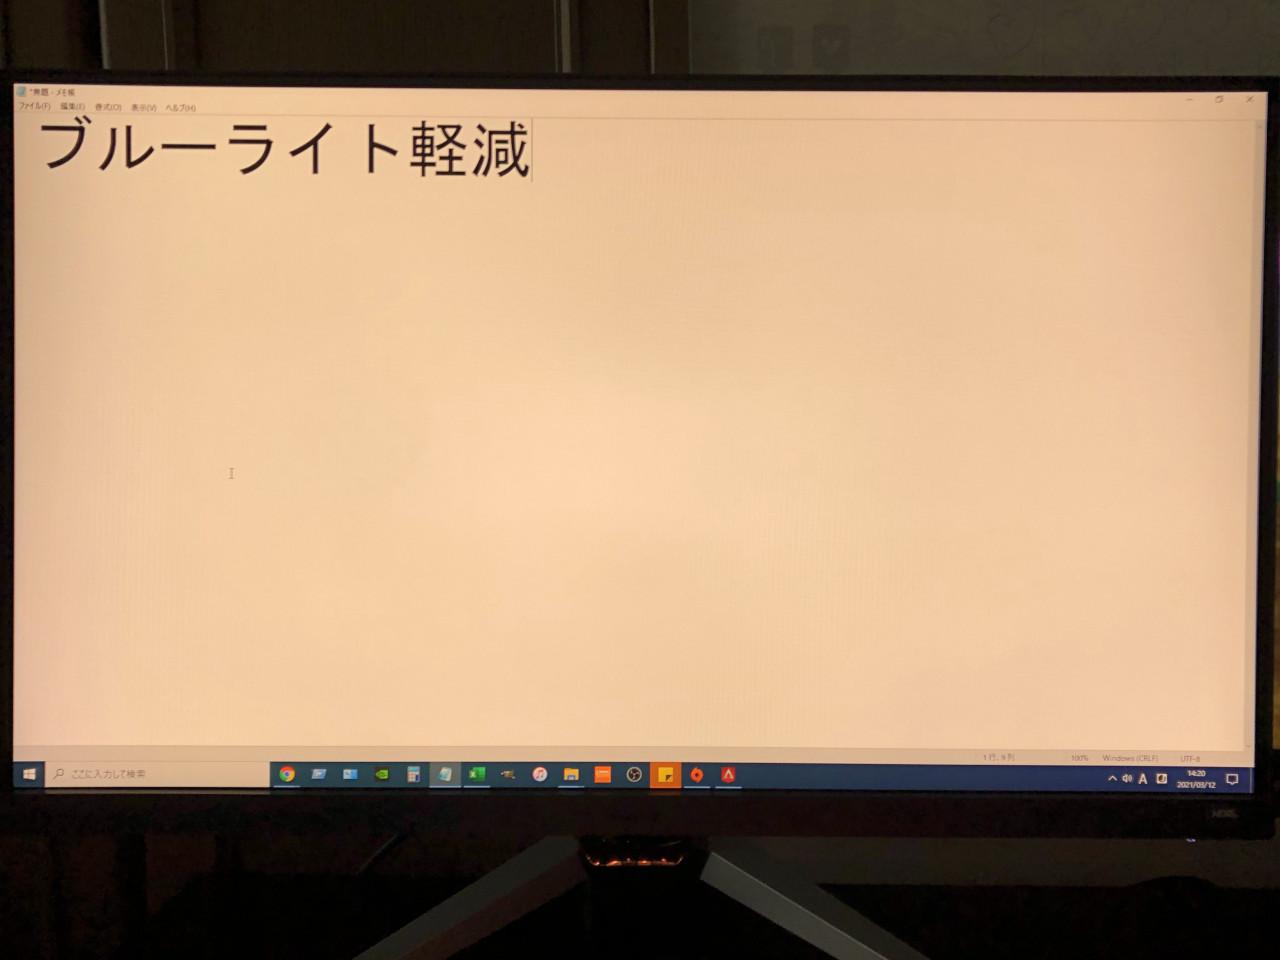 ブルーライト軽減(20)